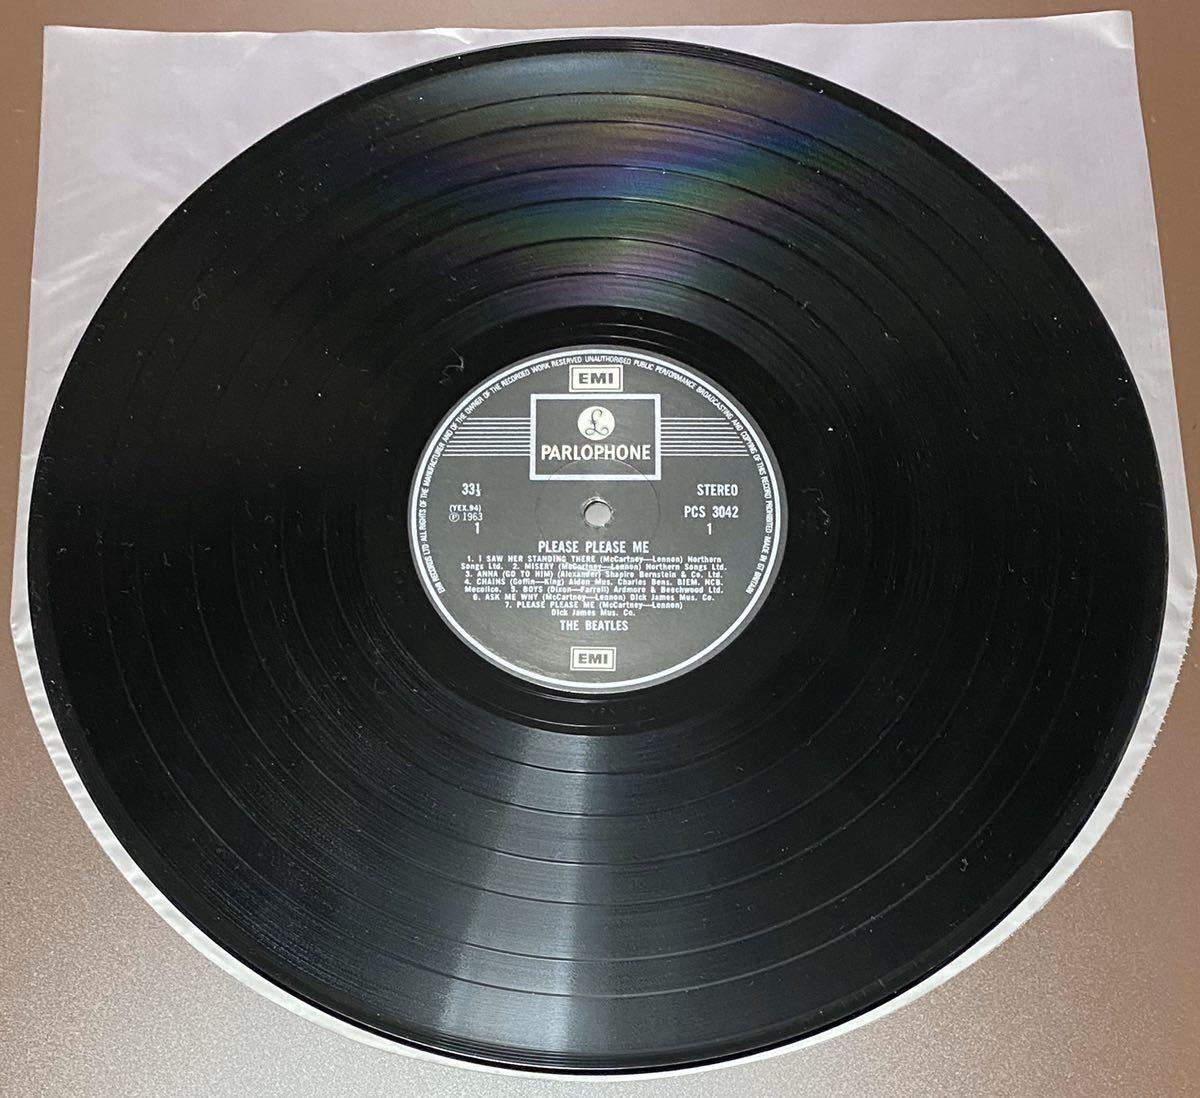 LP ビートルズ UK盤 THE BEATLES PLEASE PLEASE ME_画像5